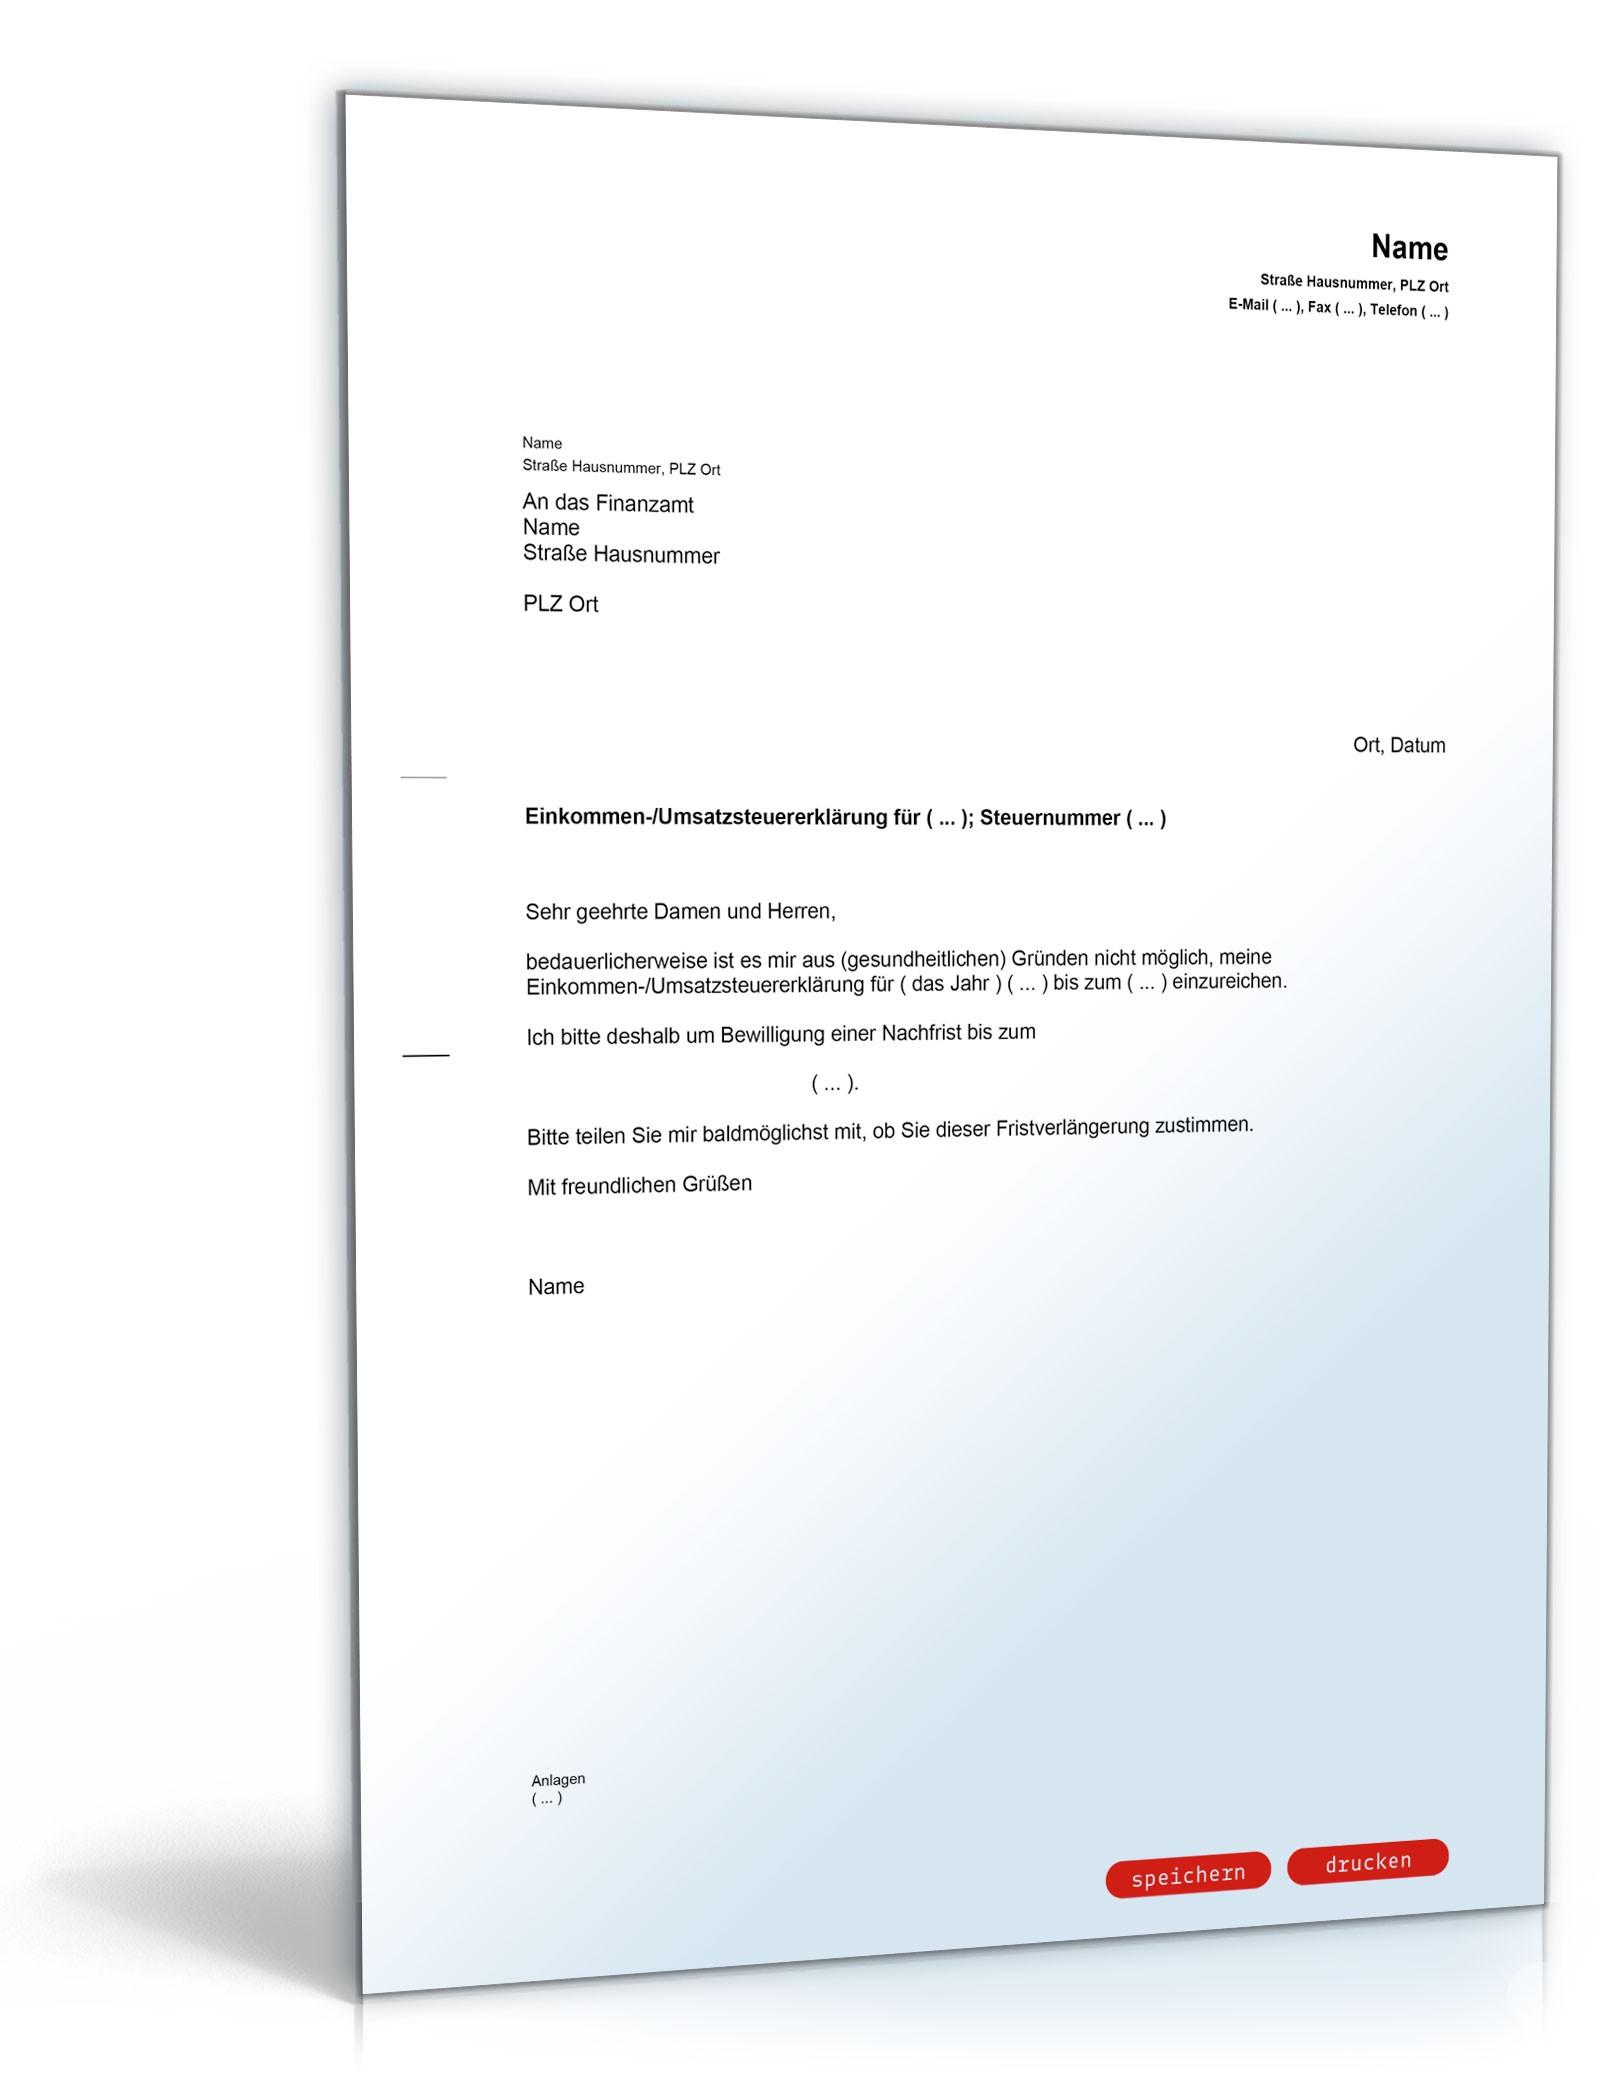 Antrag Nachfrist Fur Die Steuererklarung Muster Vorlage Zum Download